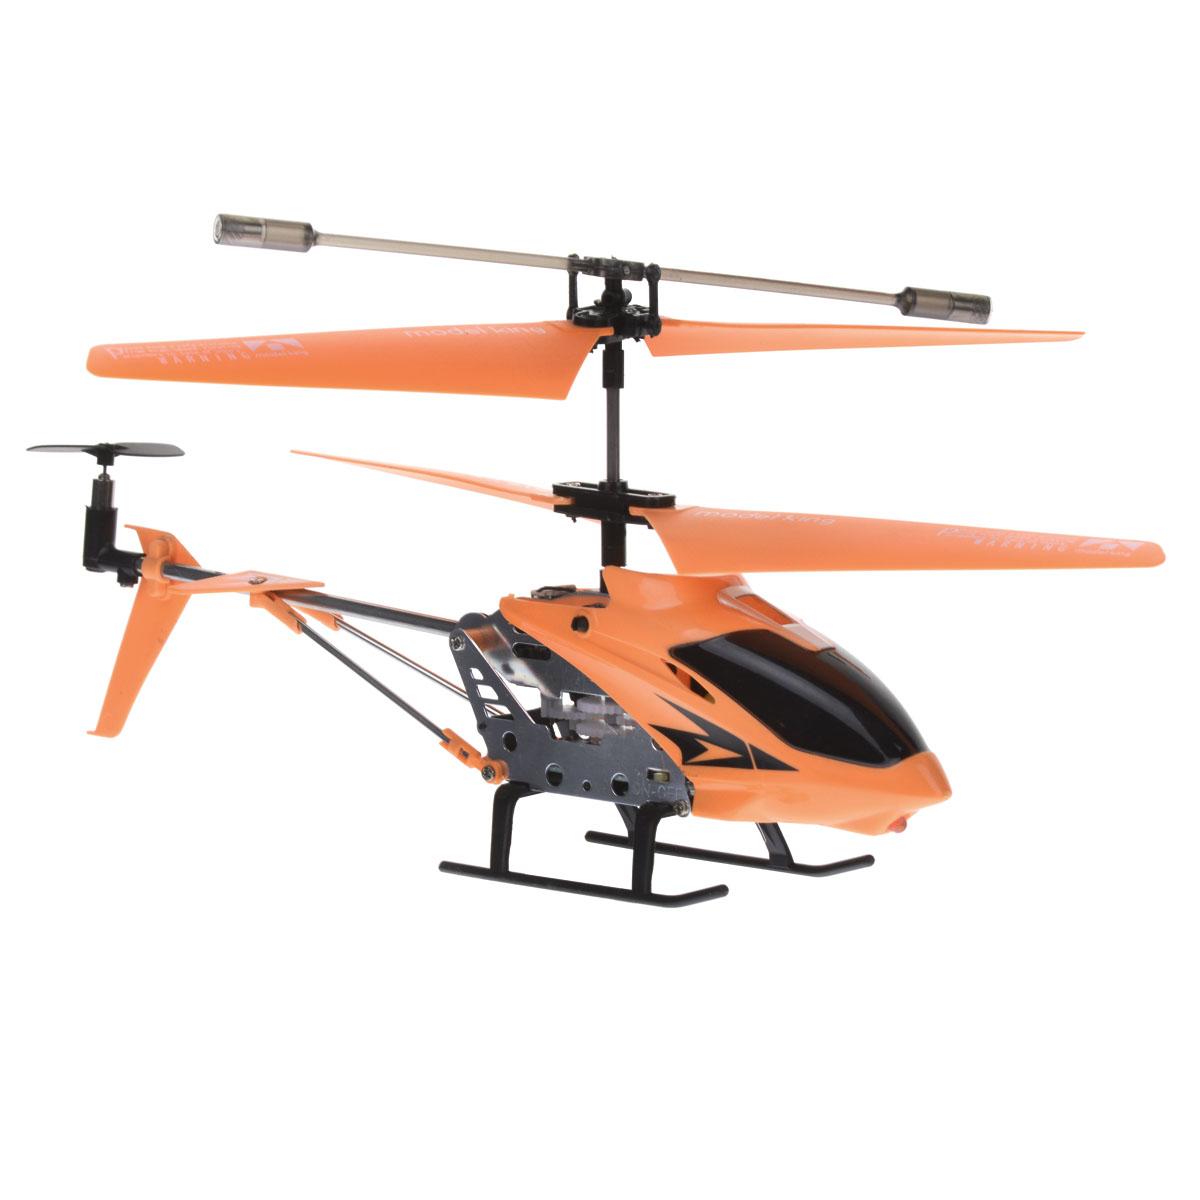 Junfa Toys Вертолет на радиоуправлении Model King цвет оранжевый - Радиоуправляемые игрушки